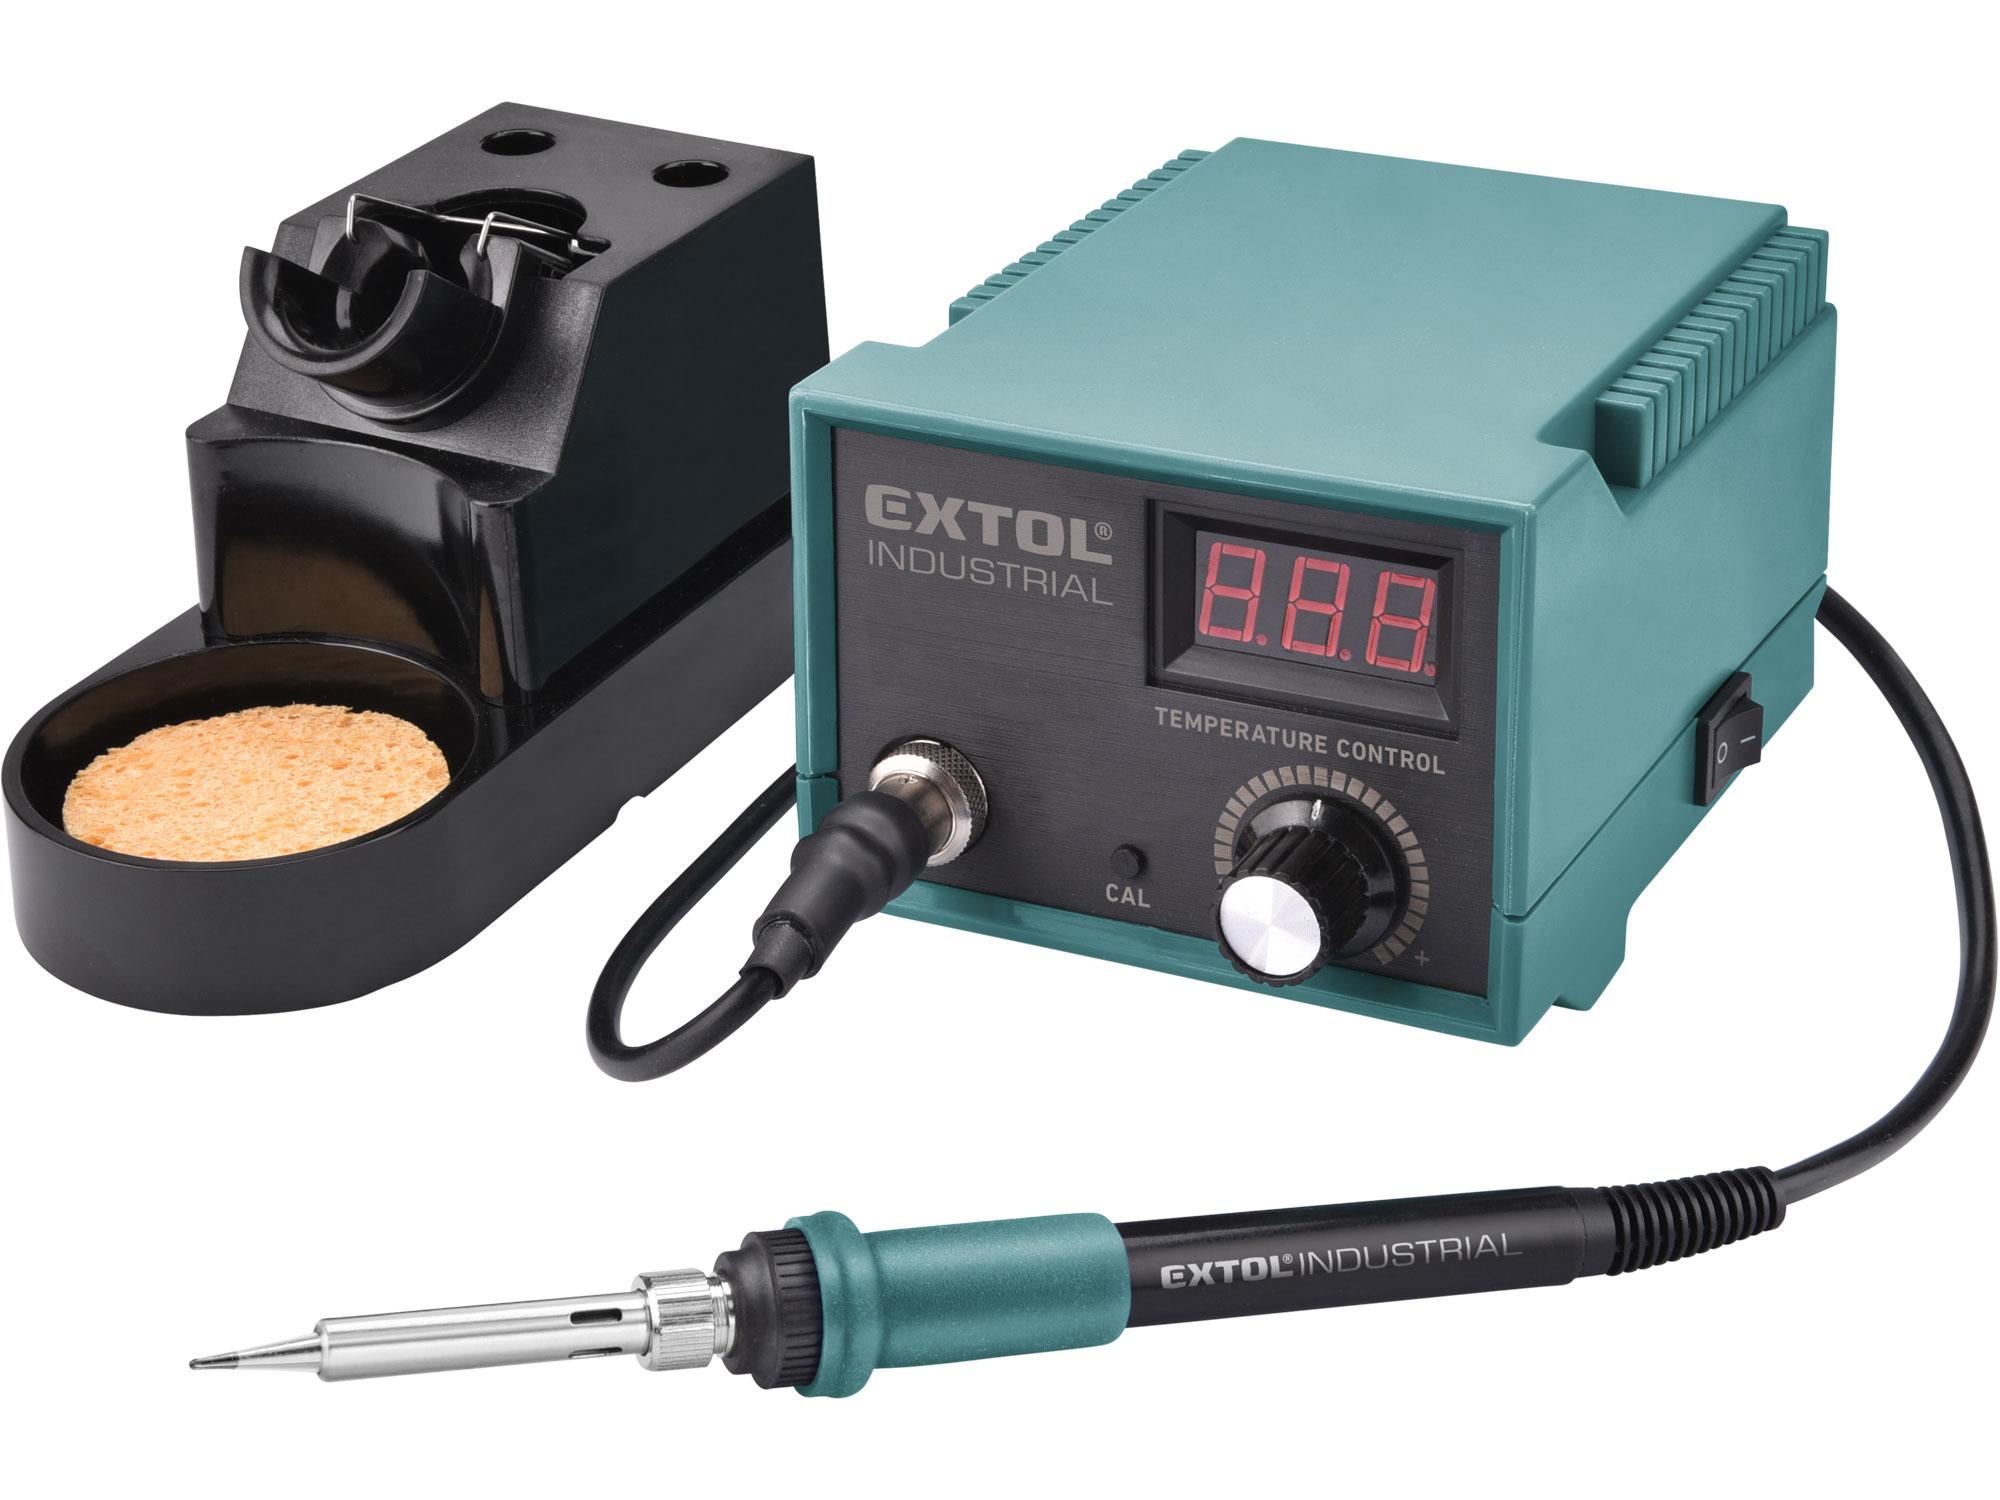 Stanice pájecí s LCD a elektronickou regulací teploty a kalibrací 8794520 EXTOL INDUSTRIAL